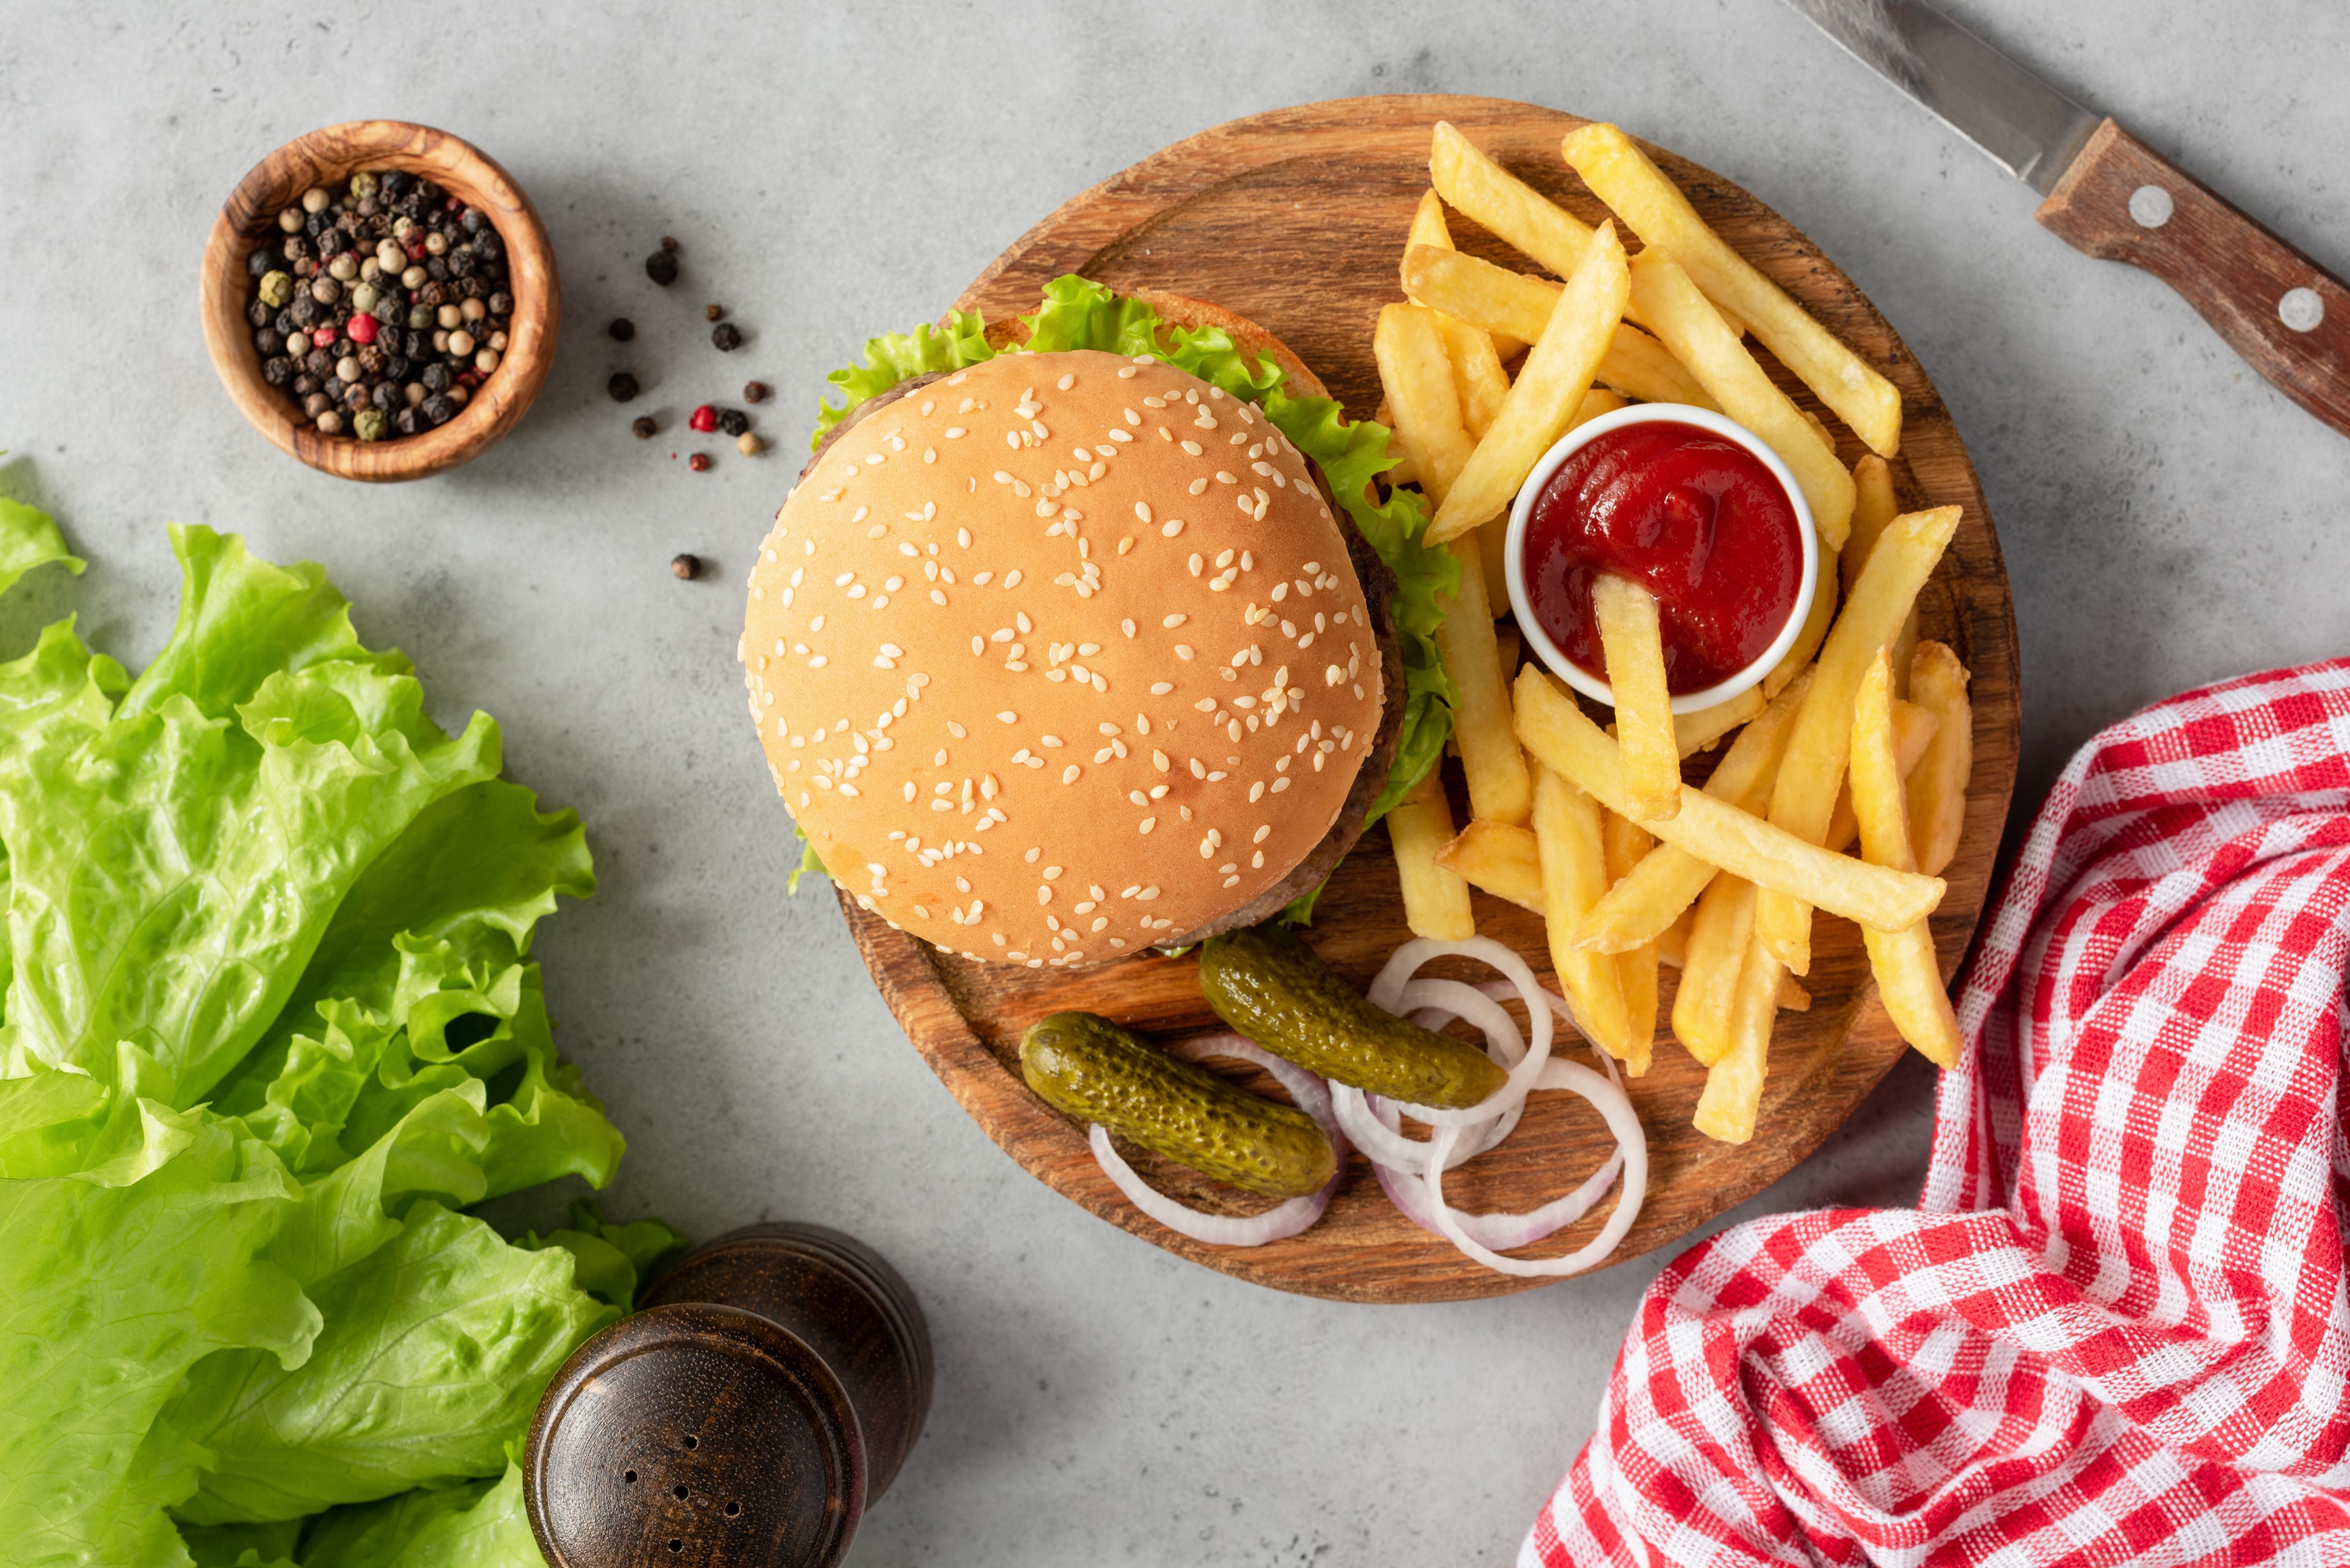 Healthy Food Vs Fast Food Healthy Eating Sf Gate